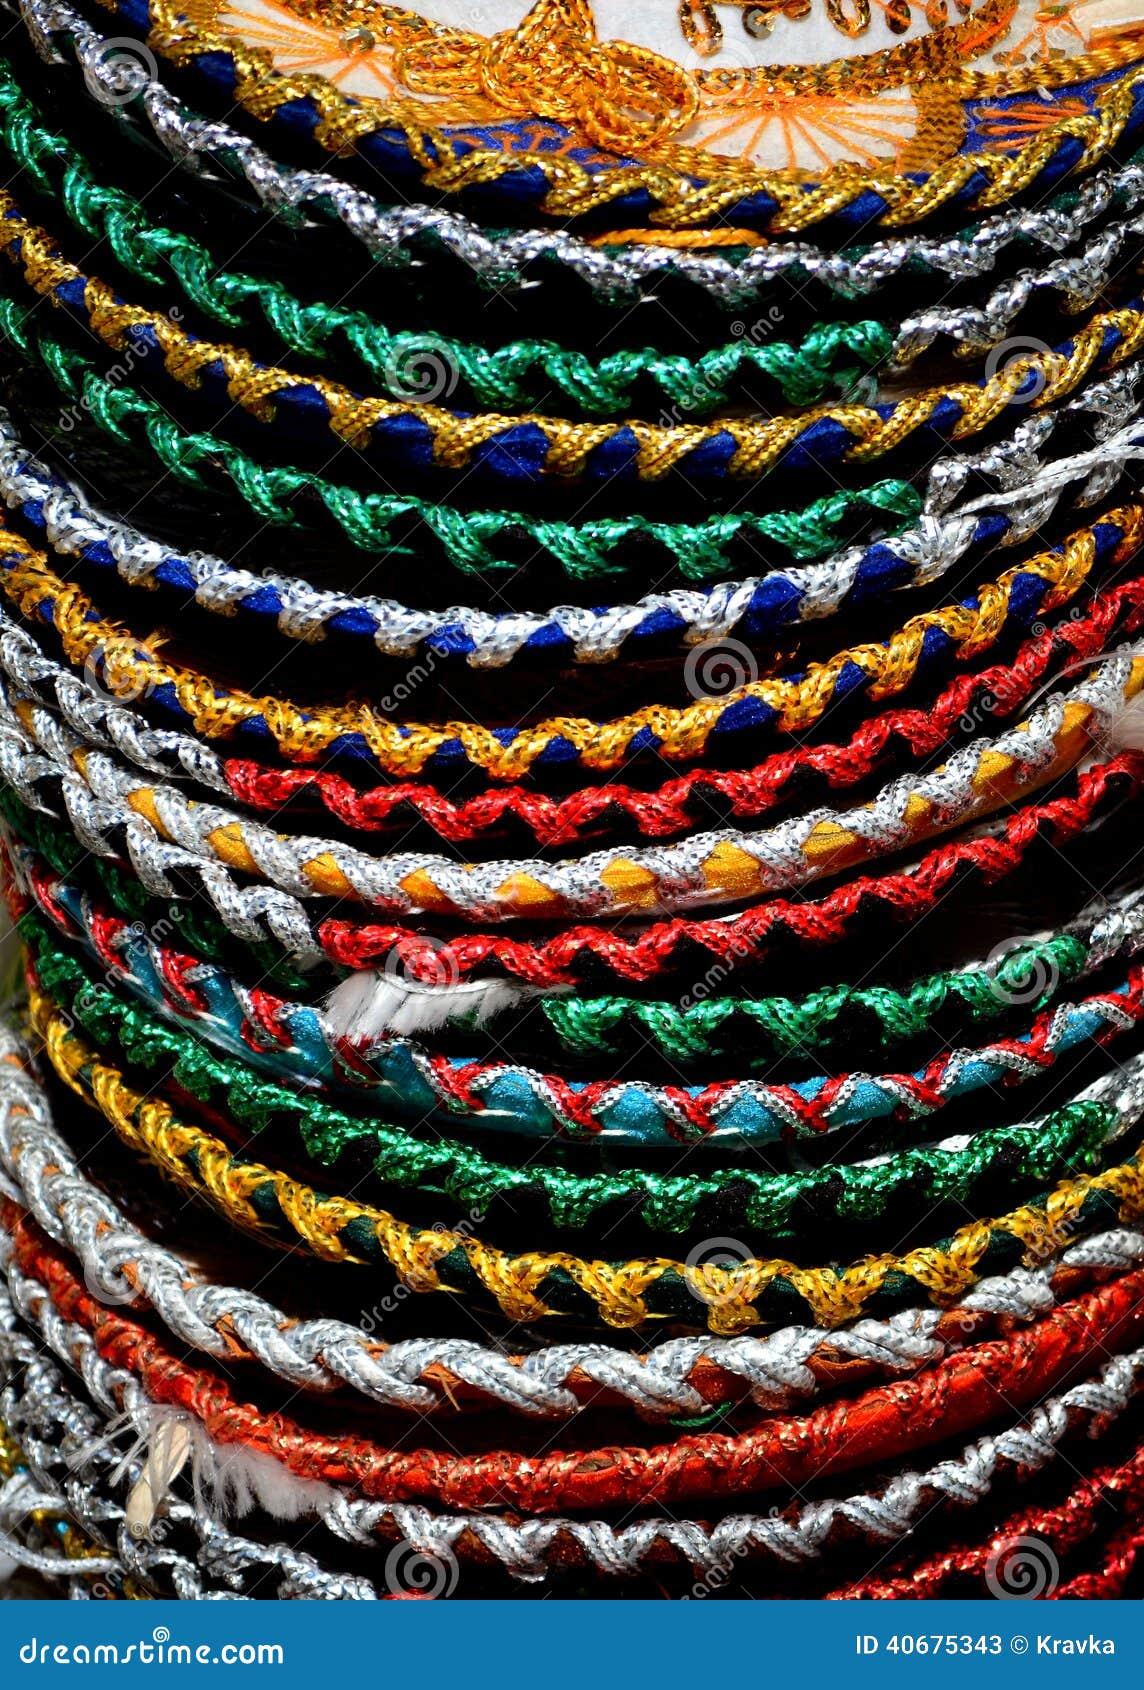 Pila de sombrero mexicano imagen de archivo. Imagen de muchos - 40675343 93397bb31f7